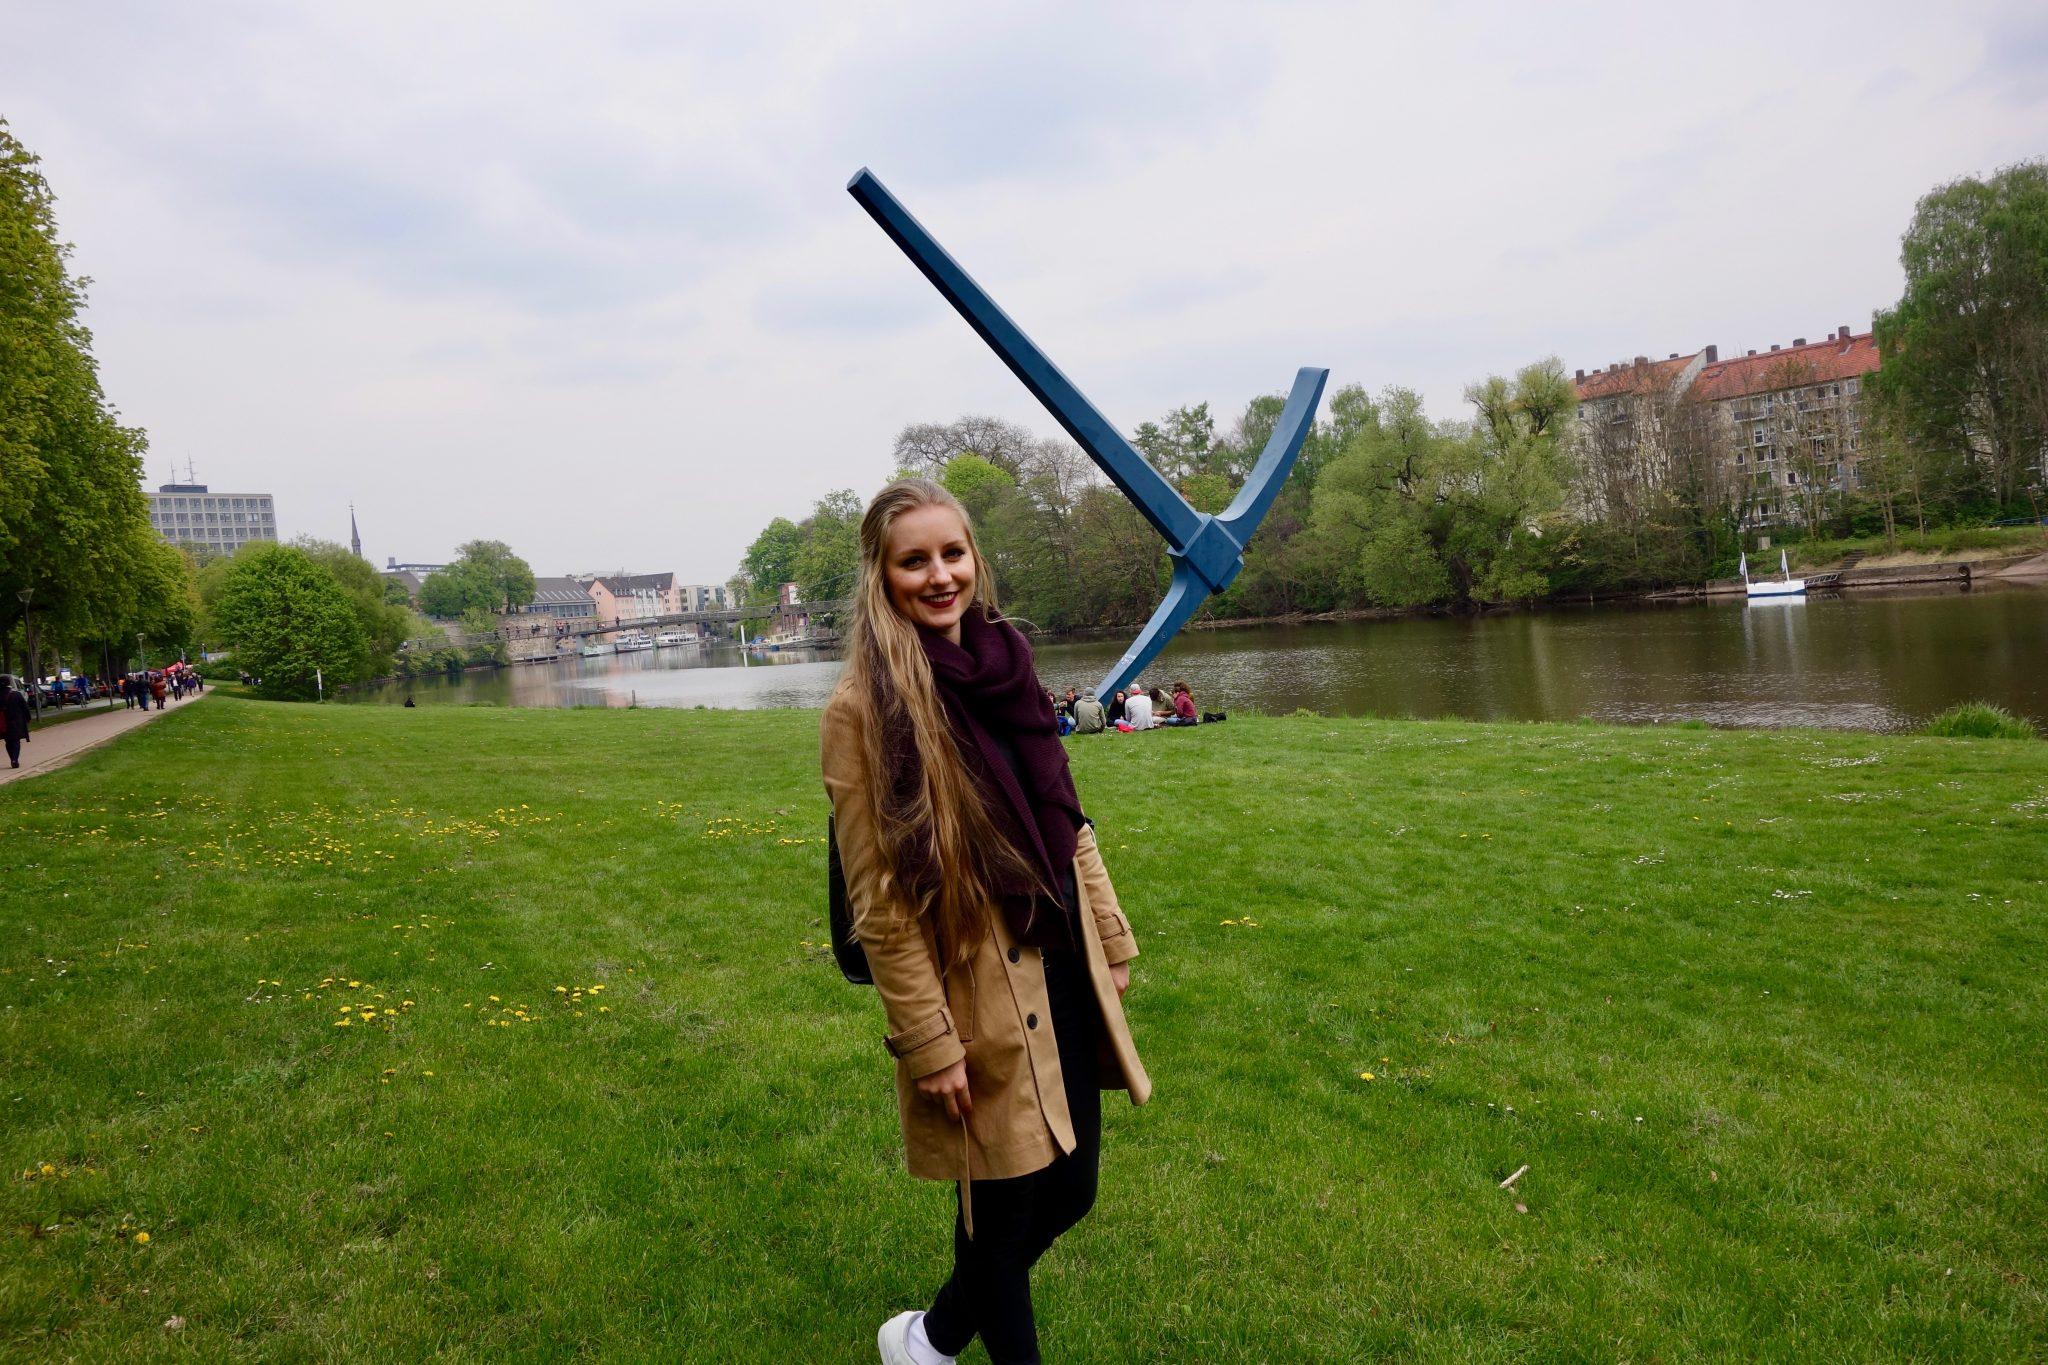 """Kassel: In der Stadt stehen überall """"Kunstwerke"""" von der Documenta (Kunstmesse), genauso wie die Spitzhacke im Hintergrund. Stell dir doch mal vor, du willst dich mit deinen Freunden verabreden und sagst: """"Hey, lass uns an der riesigen Spitzhacke am Fluss treffen."""" Hört sich schon komisch an, oder?"""